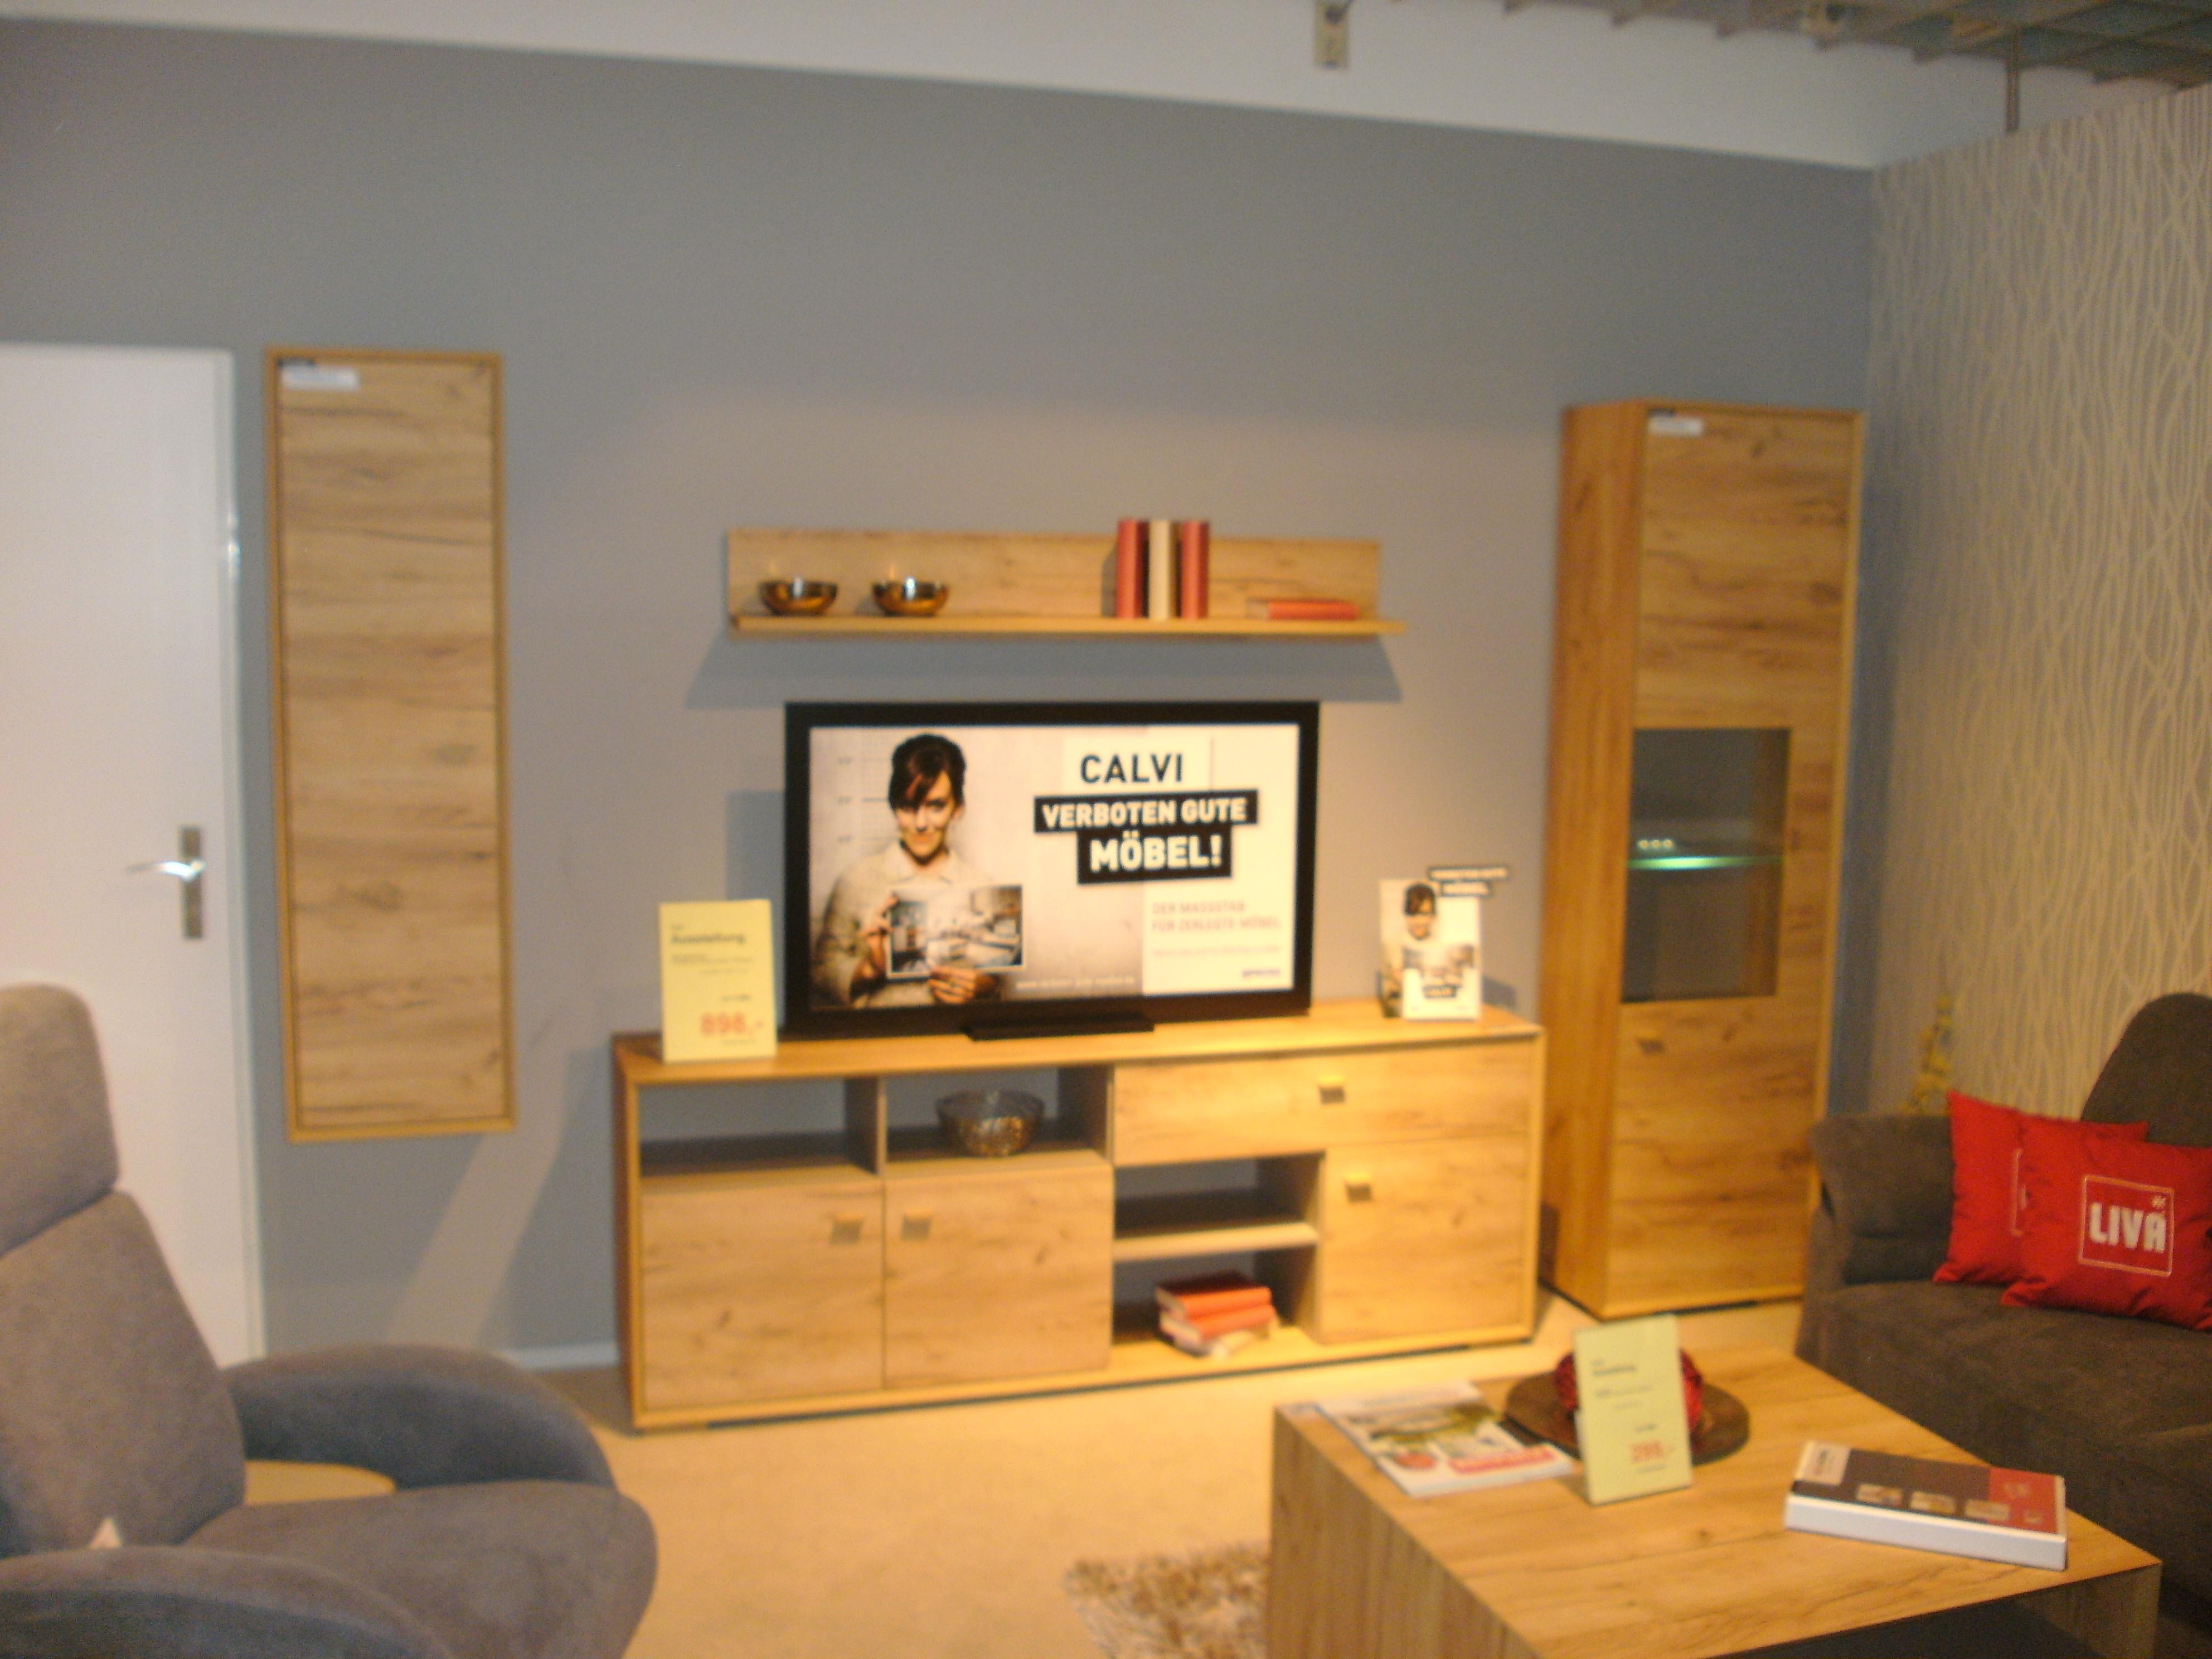 mein ausstellungsst ck wohnwand calvi. Black Bedroom Furniture Sets. Home Design Ideas